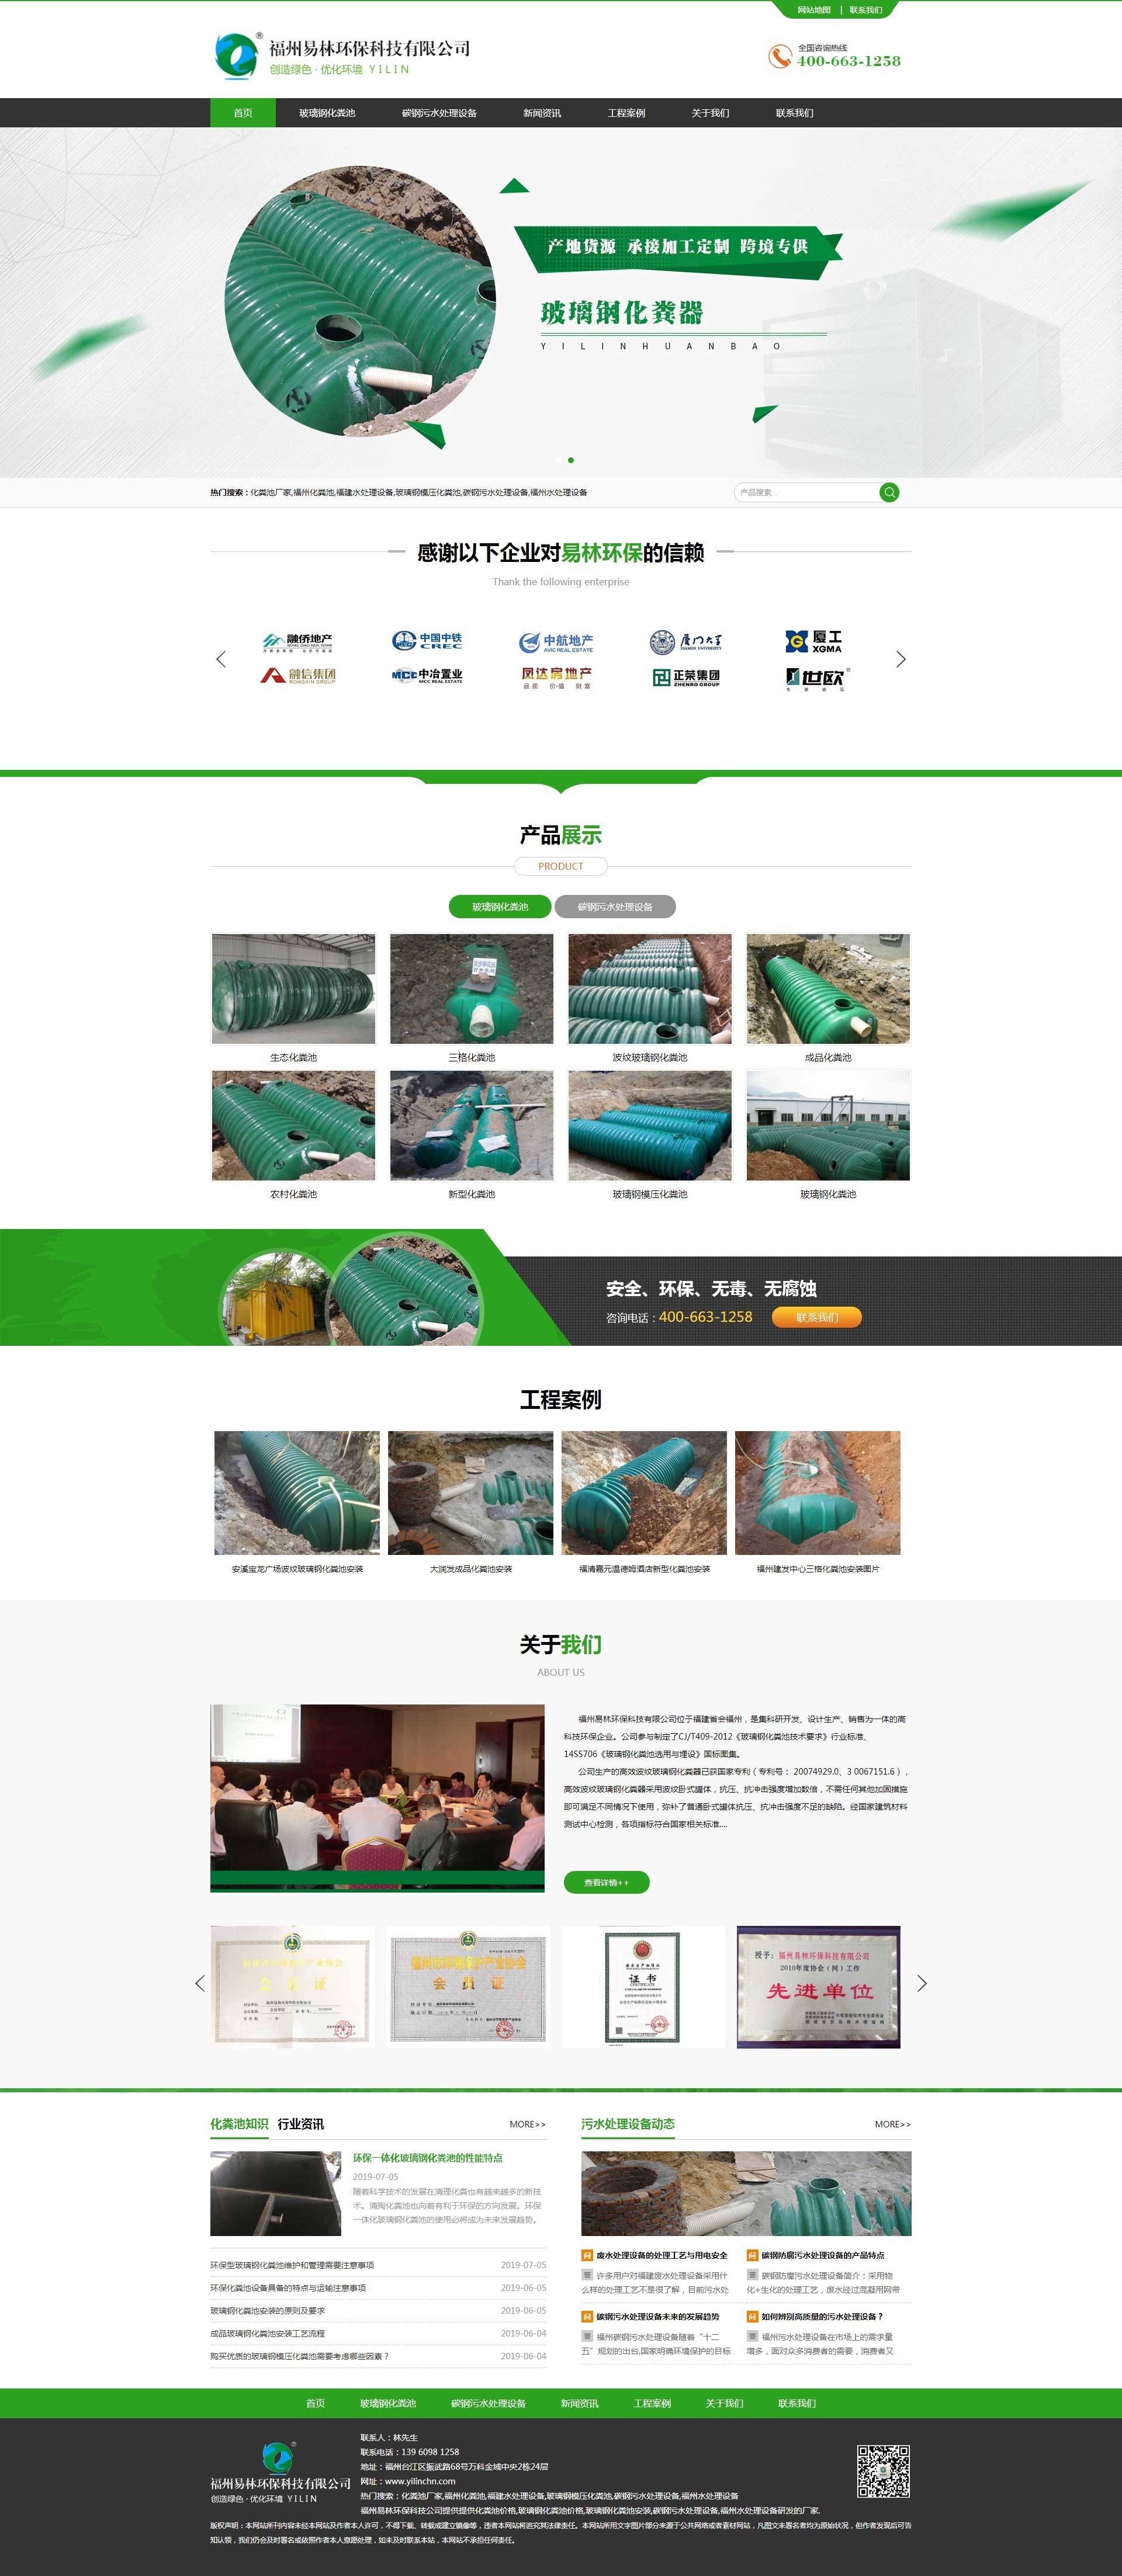 營銷網站建設